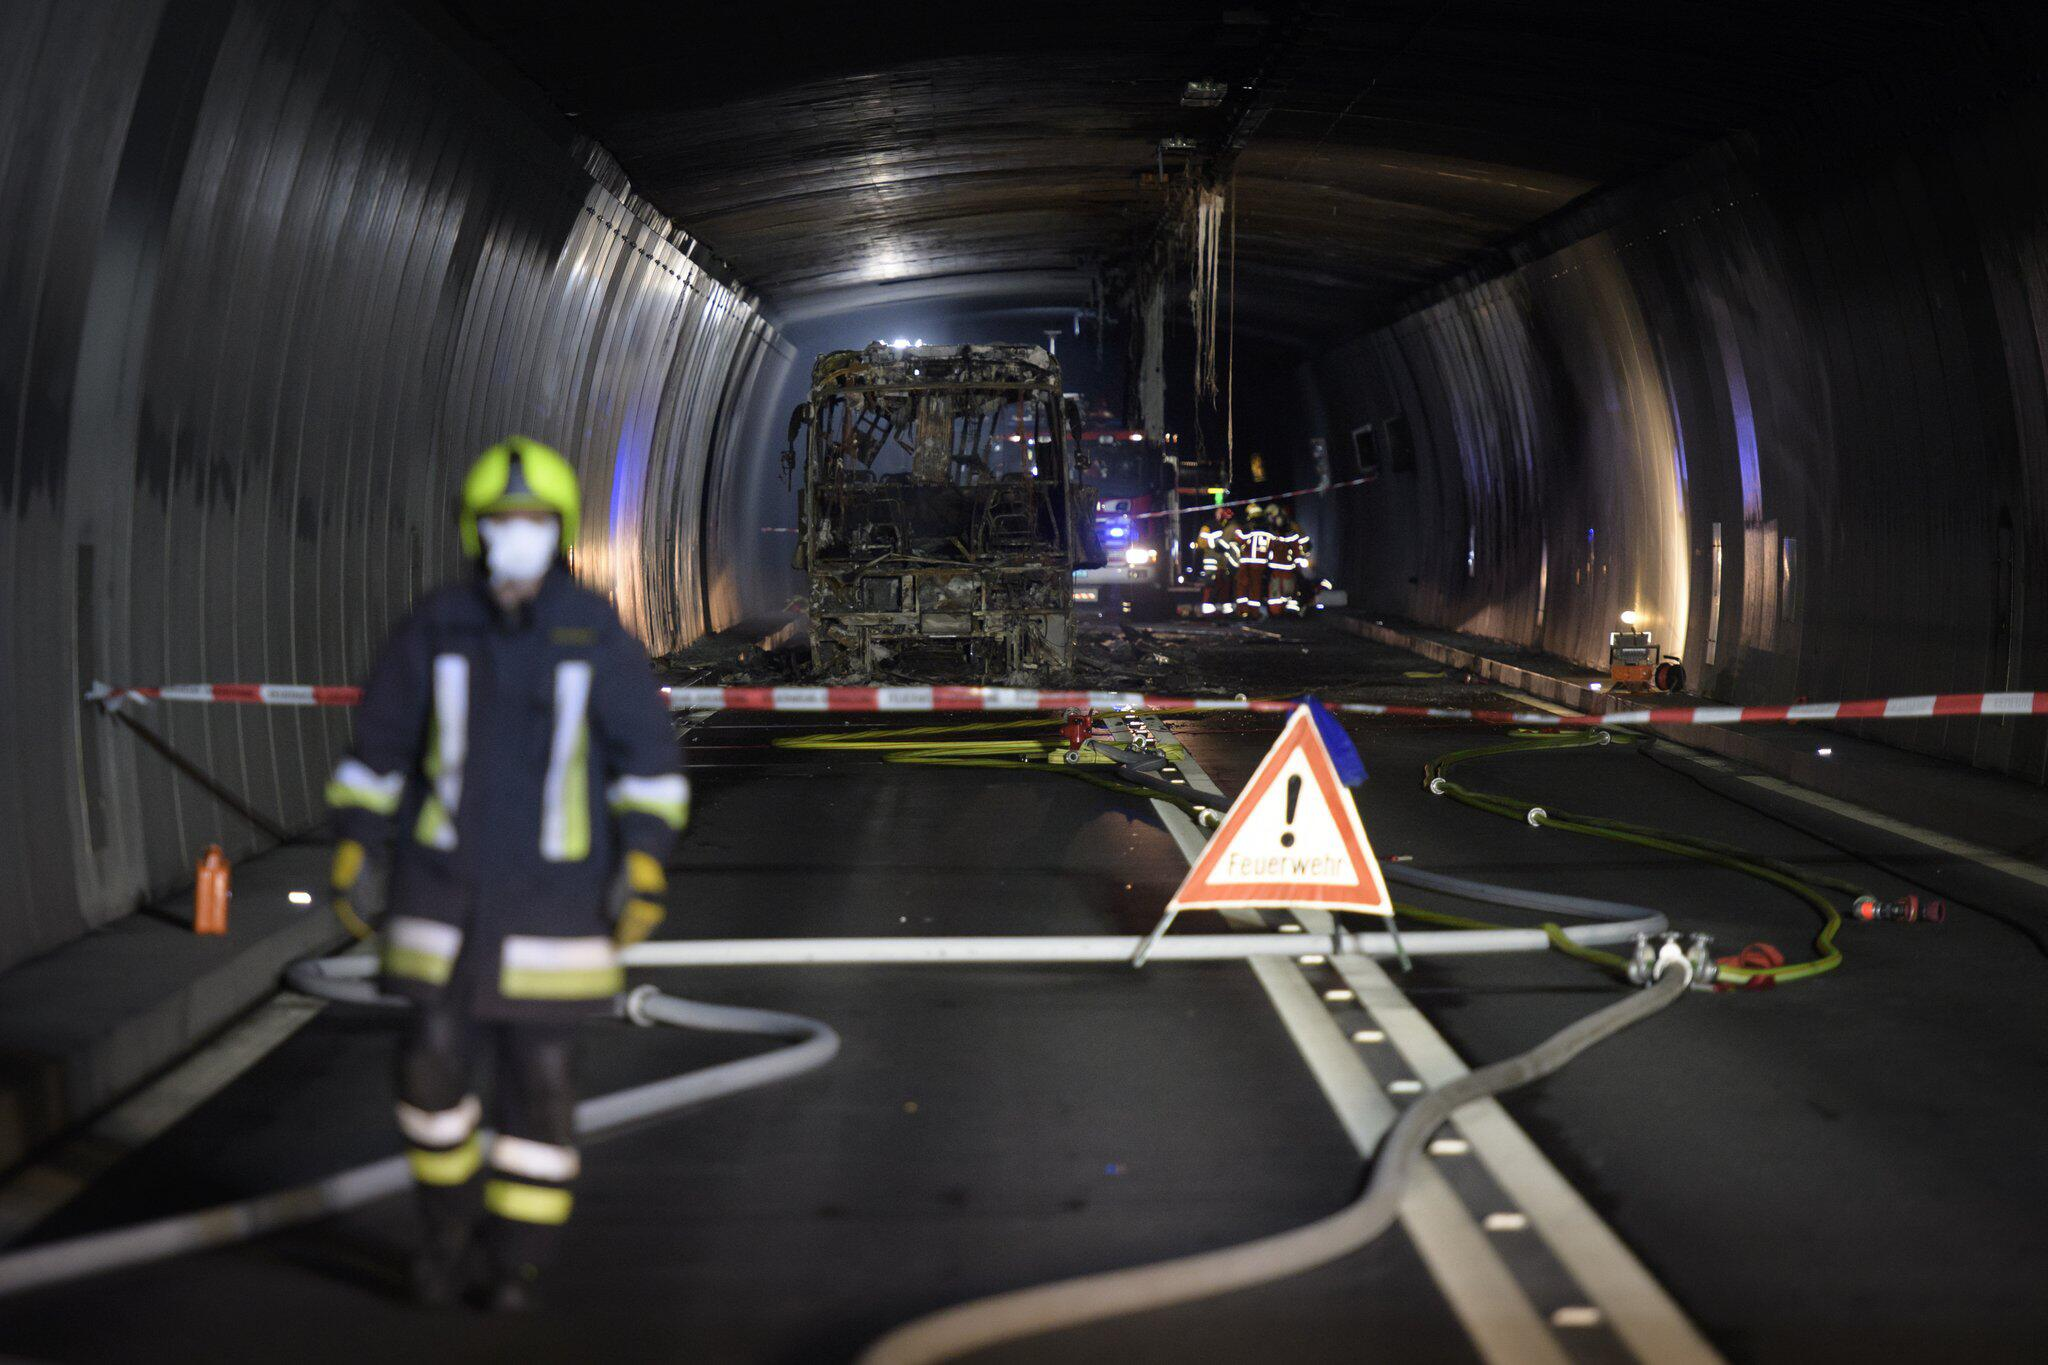 Lotto Gmx reparaturen nach tunnelbrand behindern schweizer pfingstverkehr gmx ch